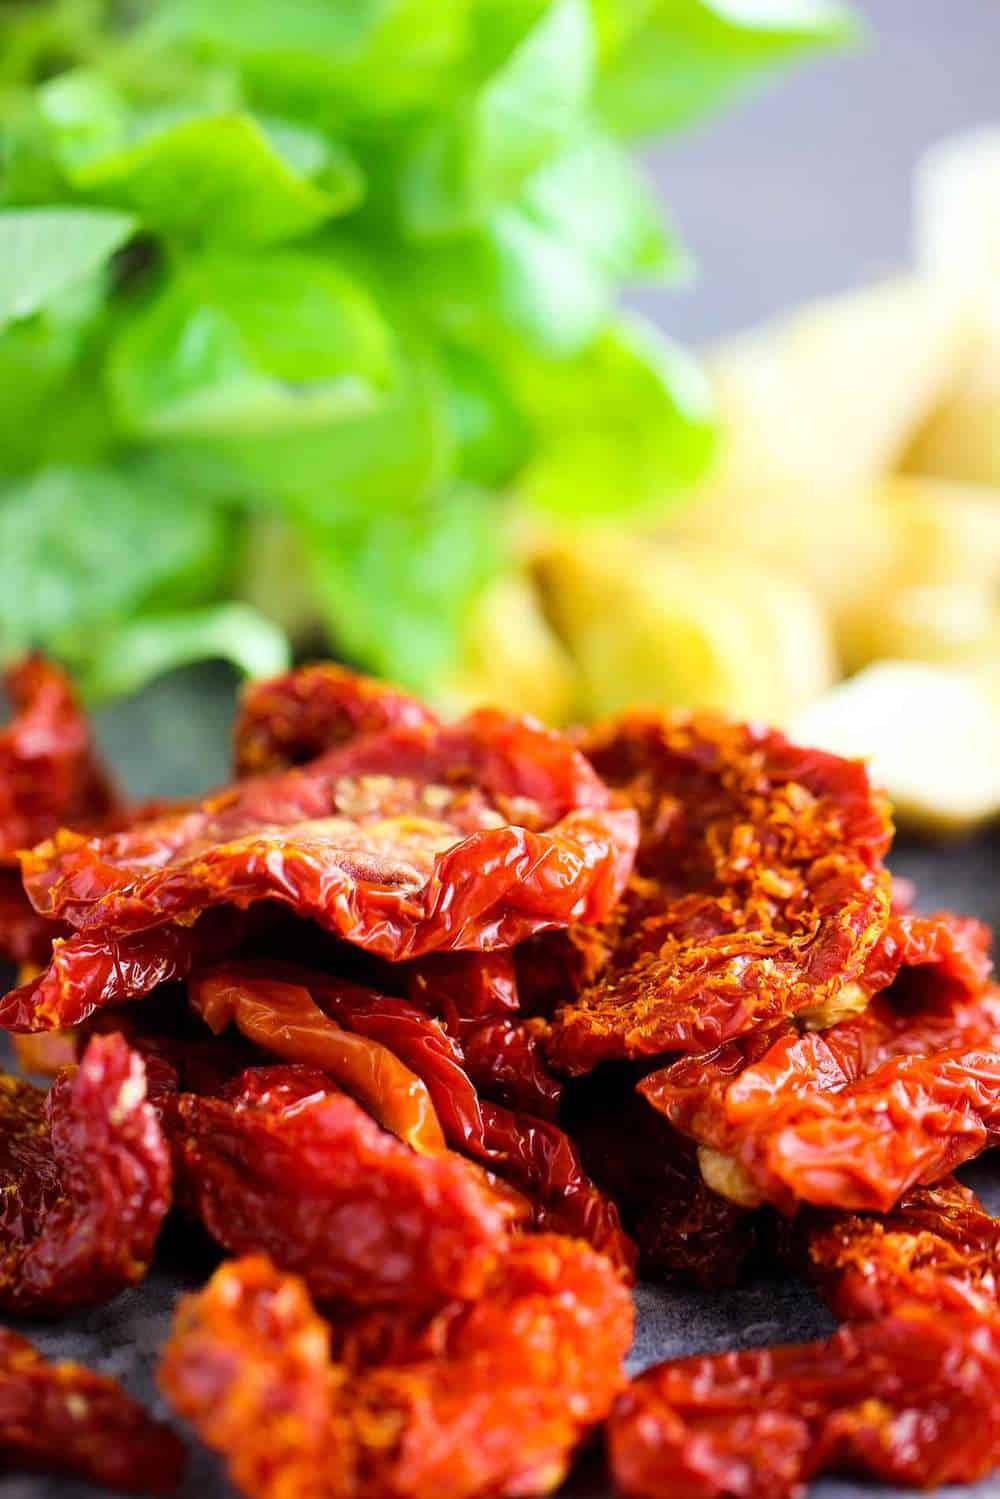 Sun-Dried Tomato and Artichoke Dip recipe